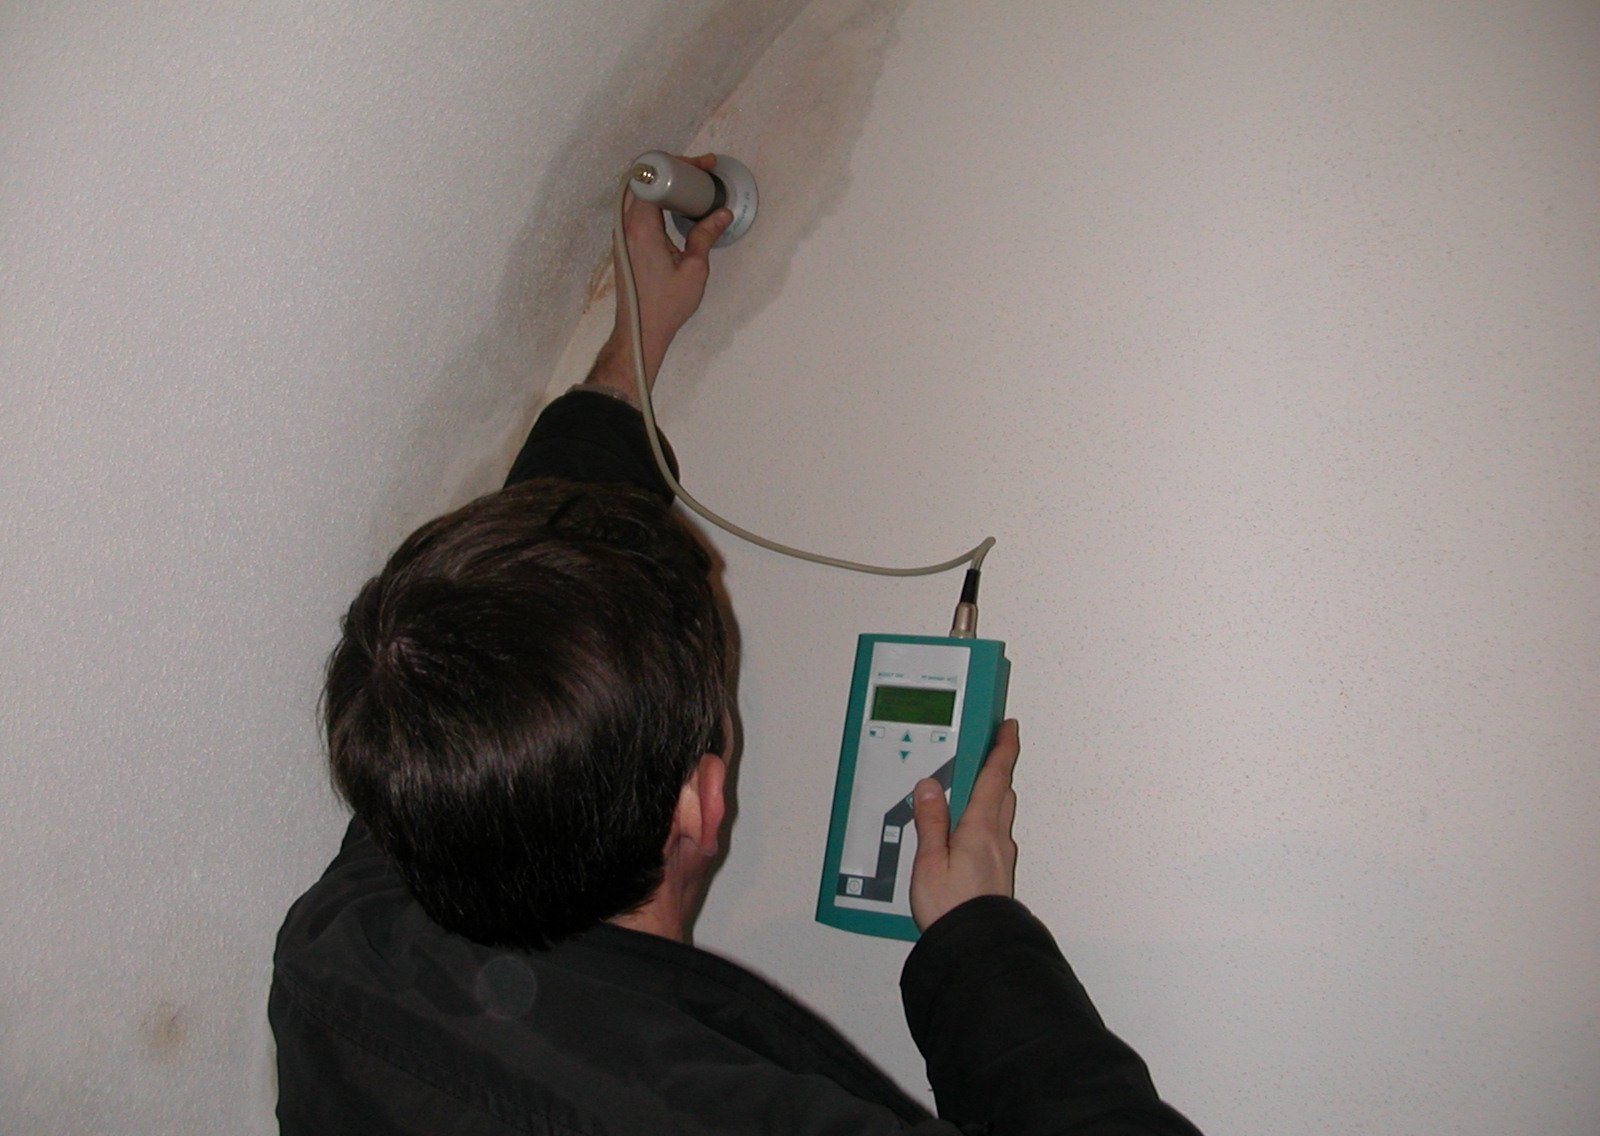 Норма влажности воздуха в квартире в разных комнатах, как повысить или понизить влажность